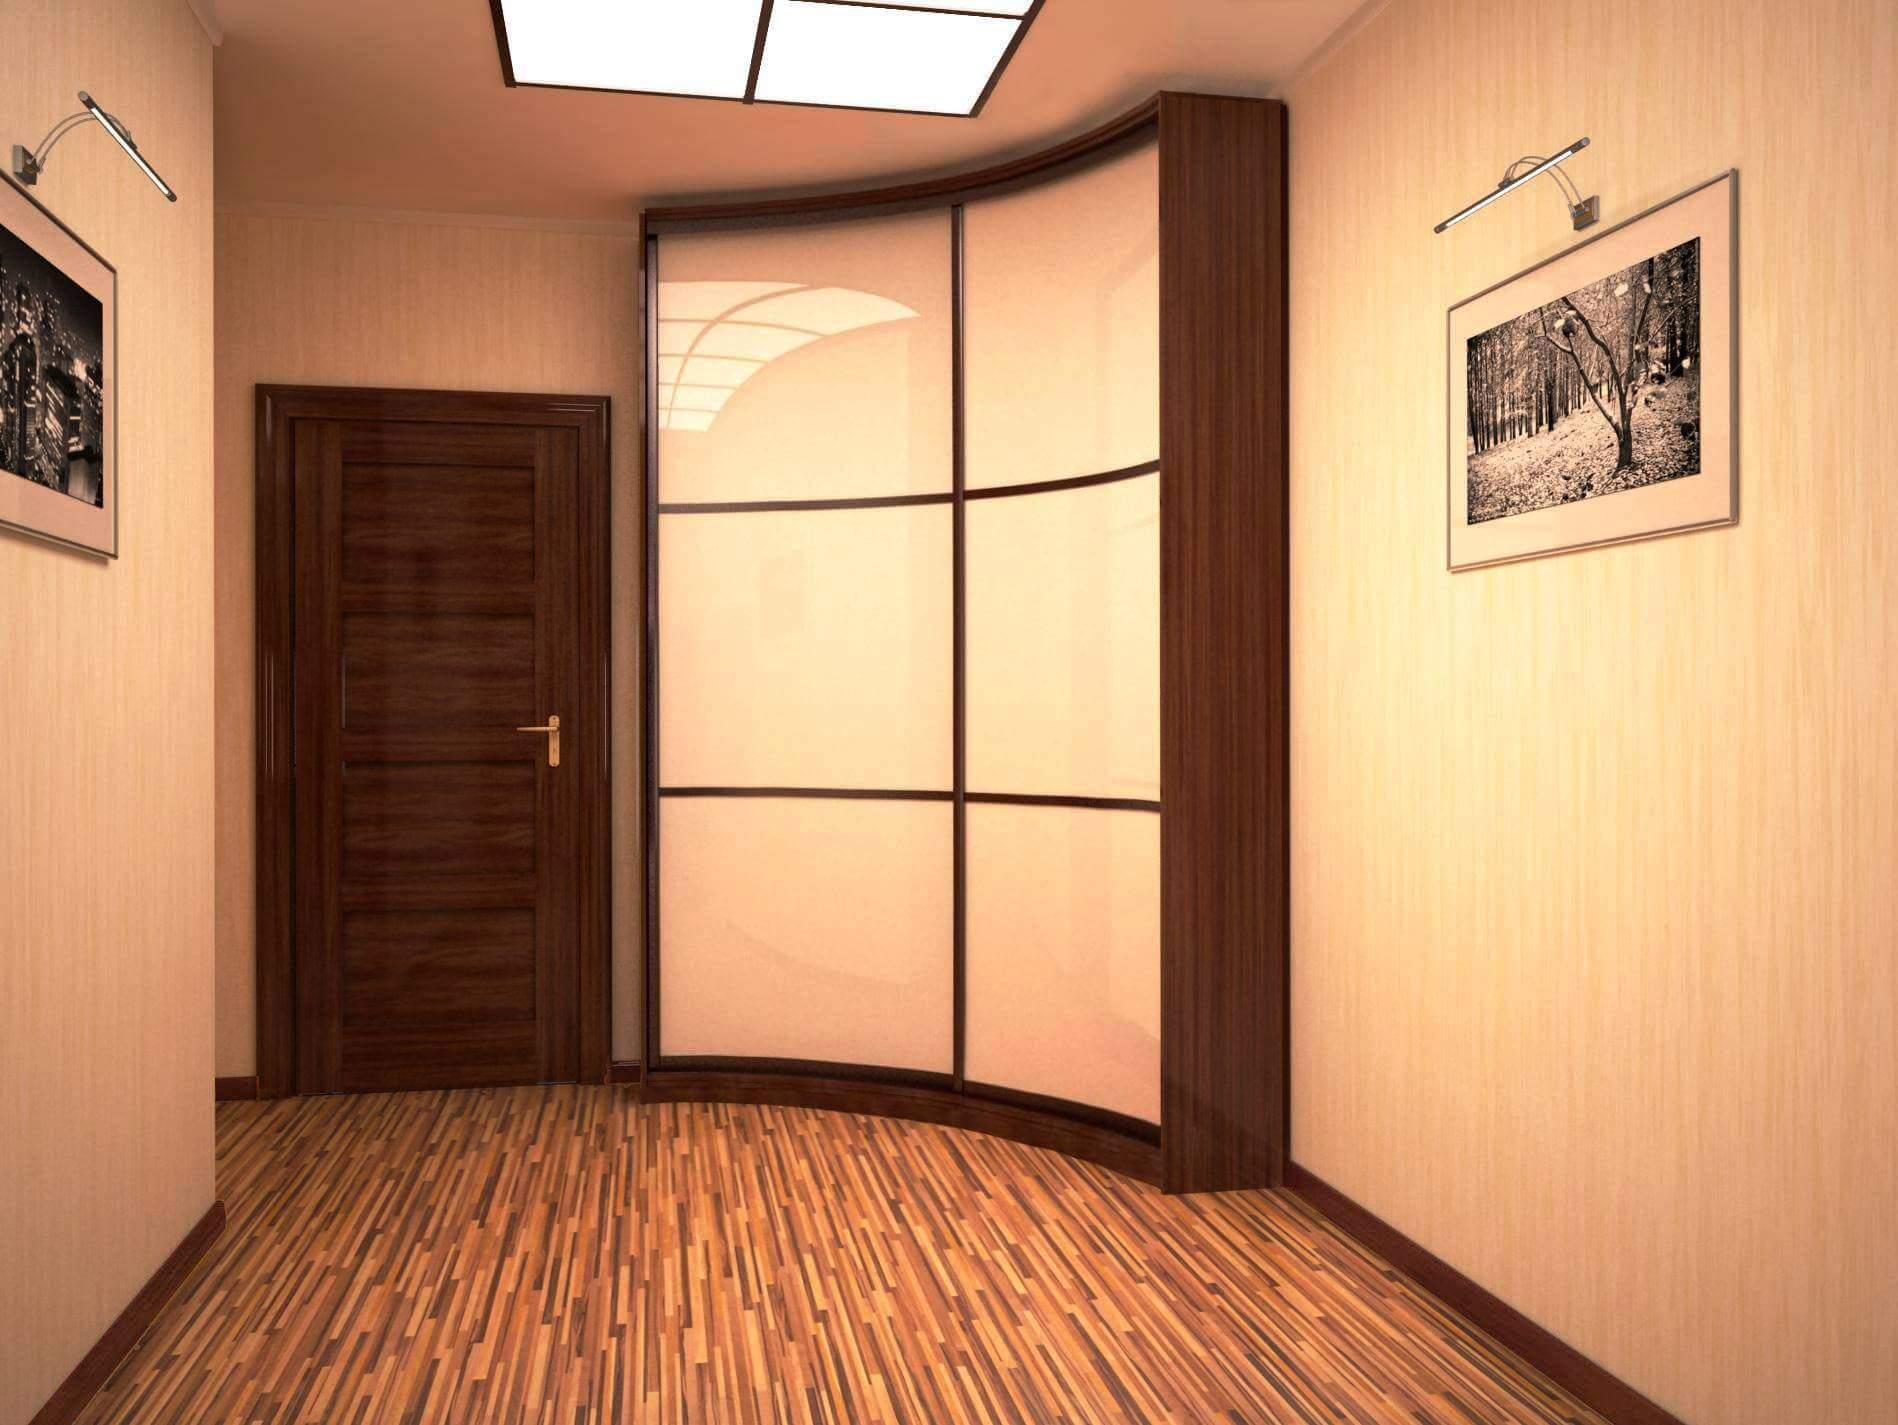 встроенный угловой шкаф с радиусным фасадом